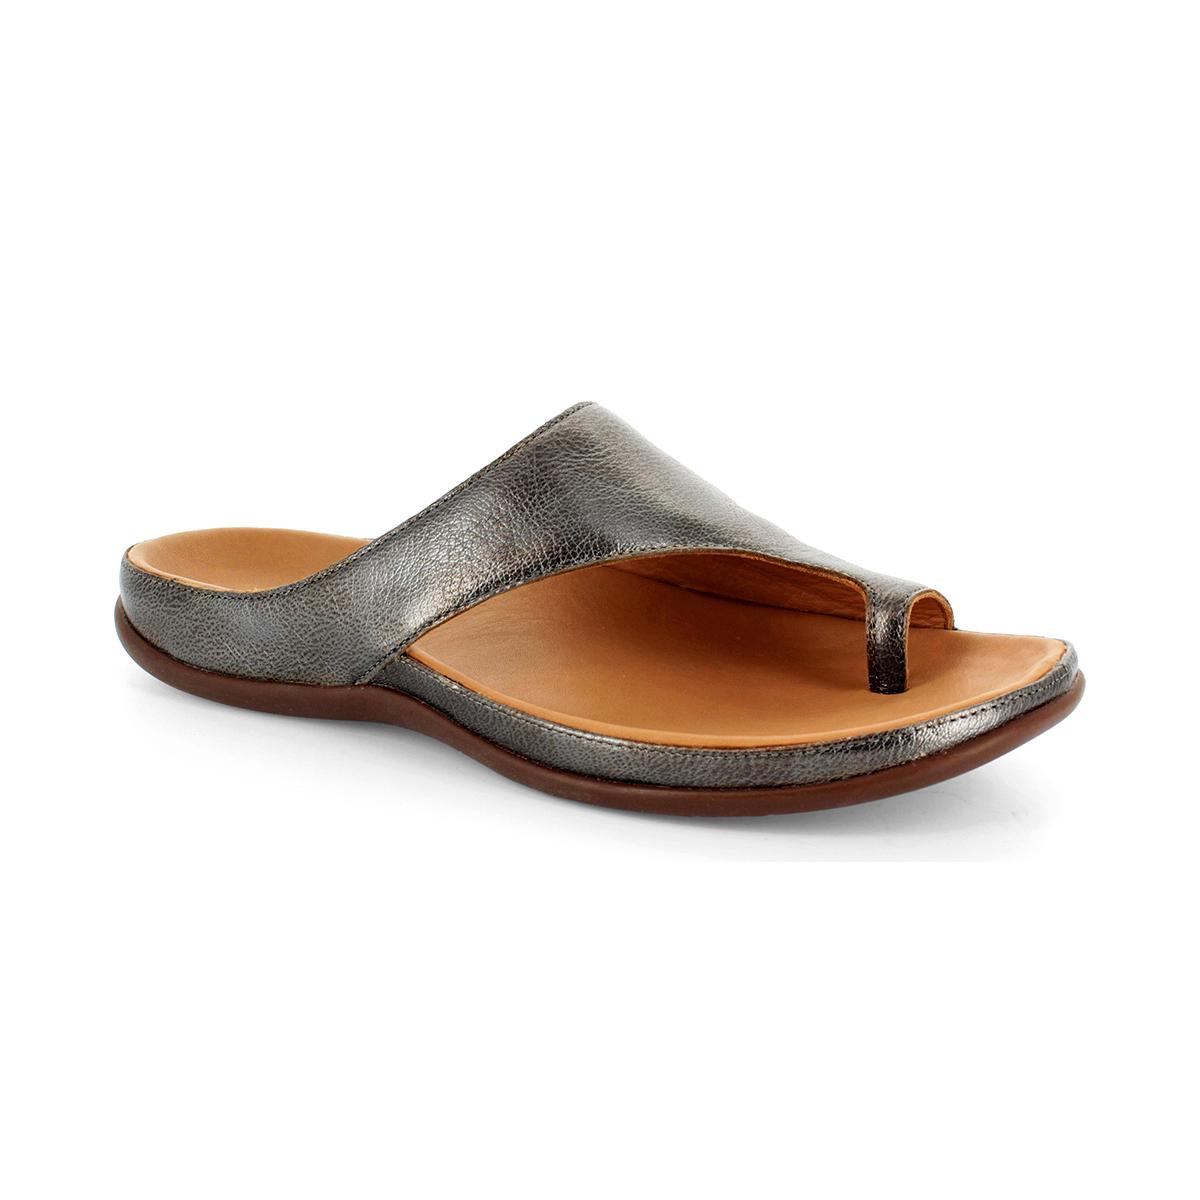 スニーカー感覚で歩き回れる「サンダル」|CAPRIレザーインソール (25-25.5cm) 独自開発の立体インソールで、スニーカーみたいに歩き回れる「サンダル」|strive